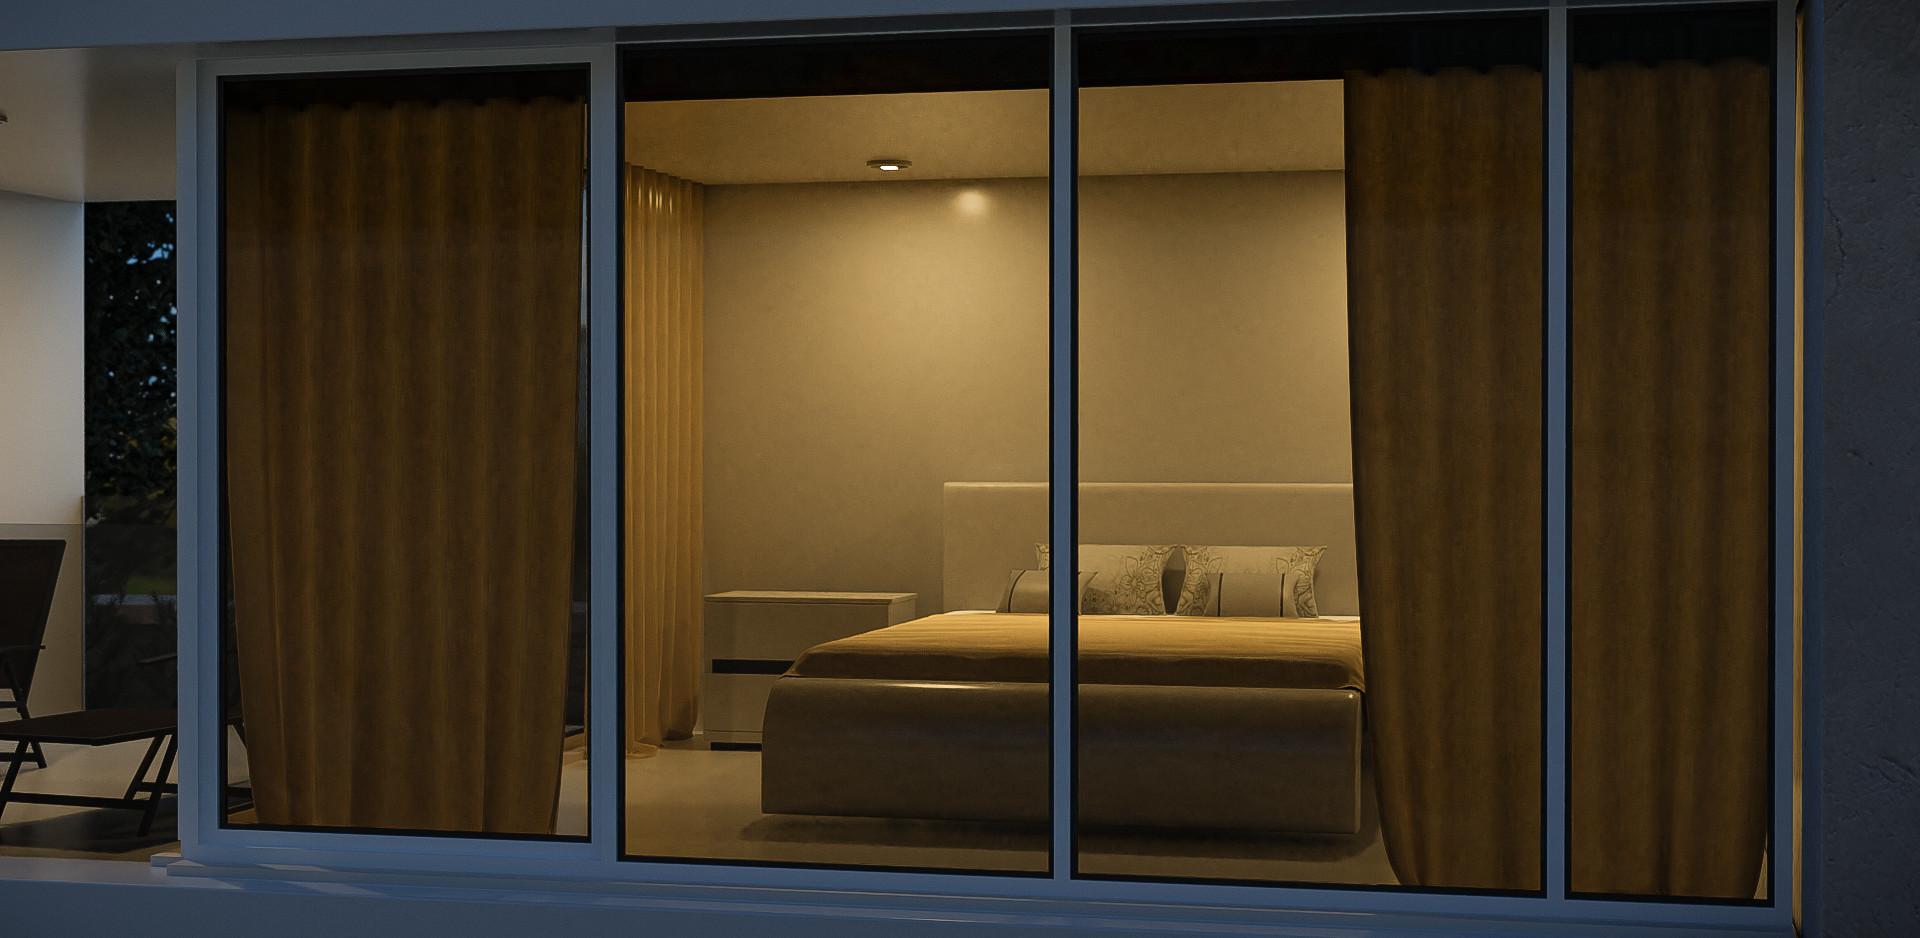 Bedroom Render Final.jpg